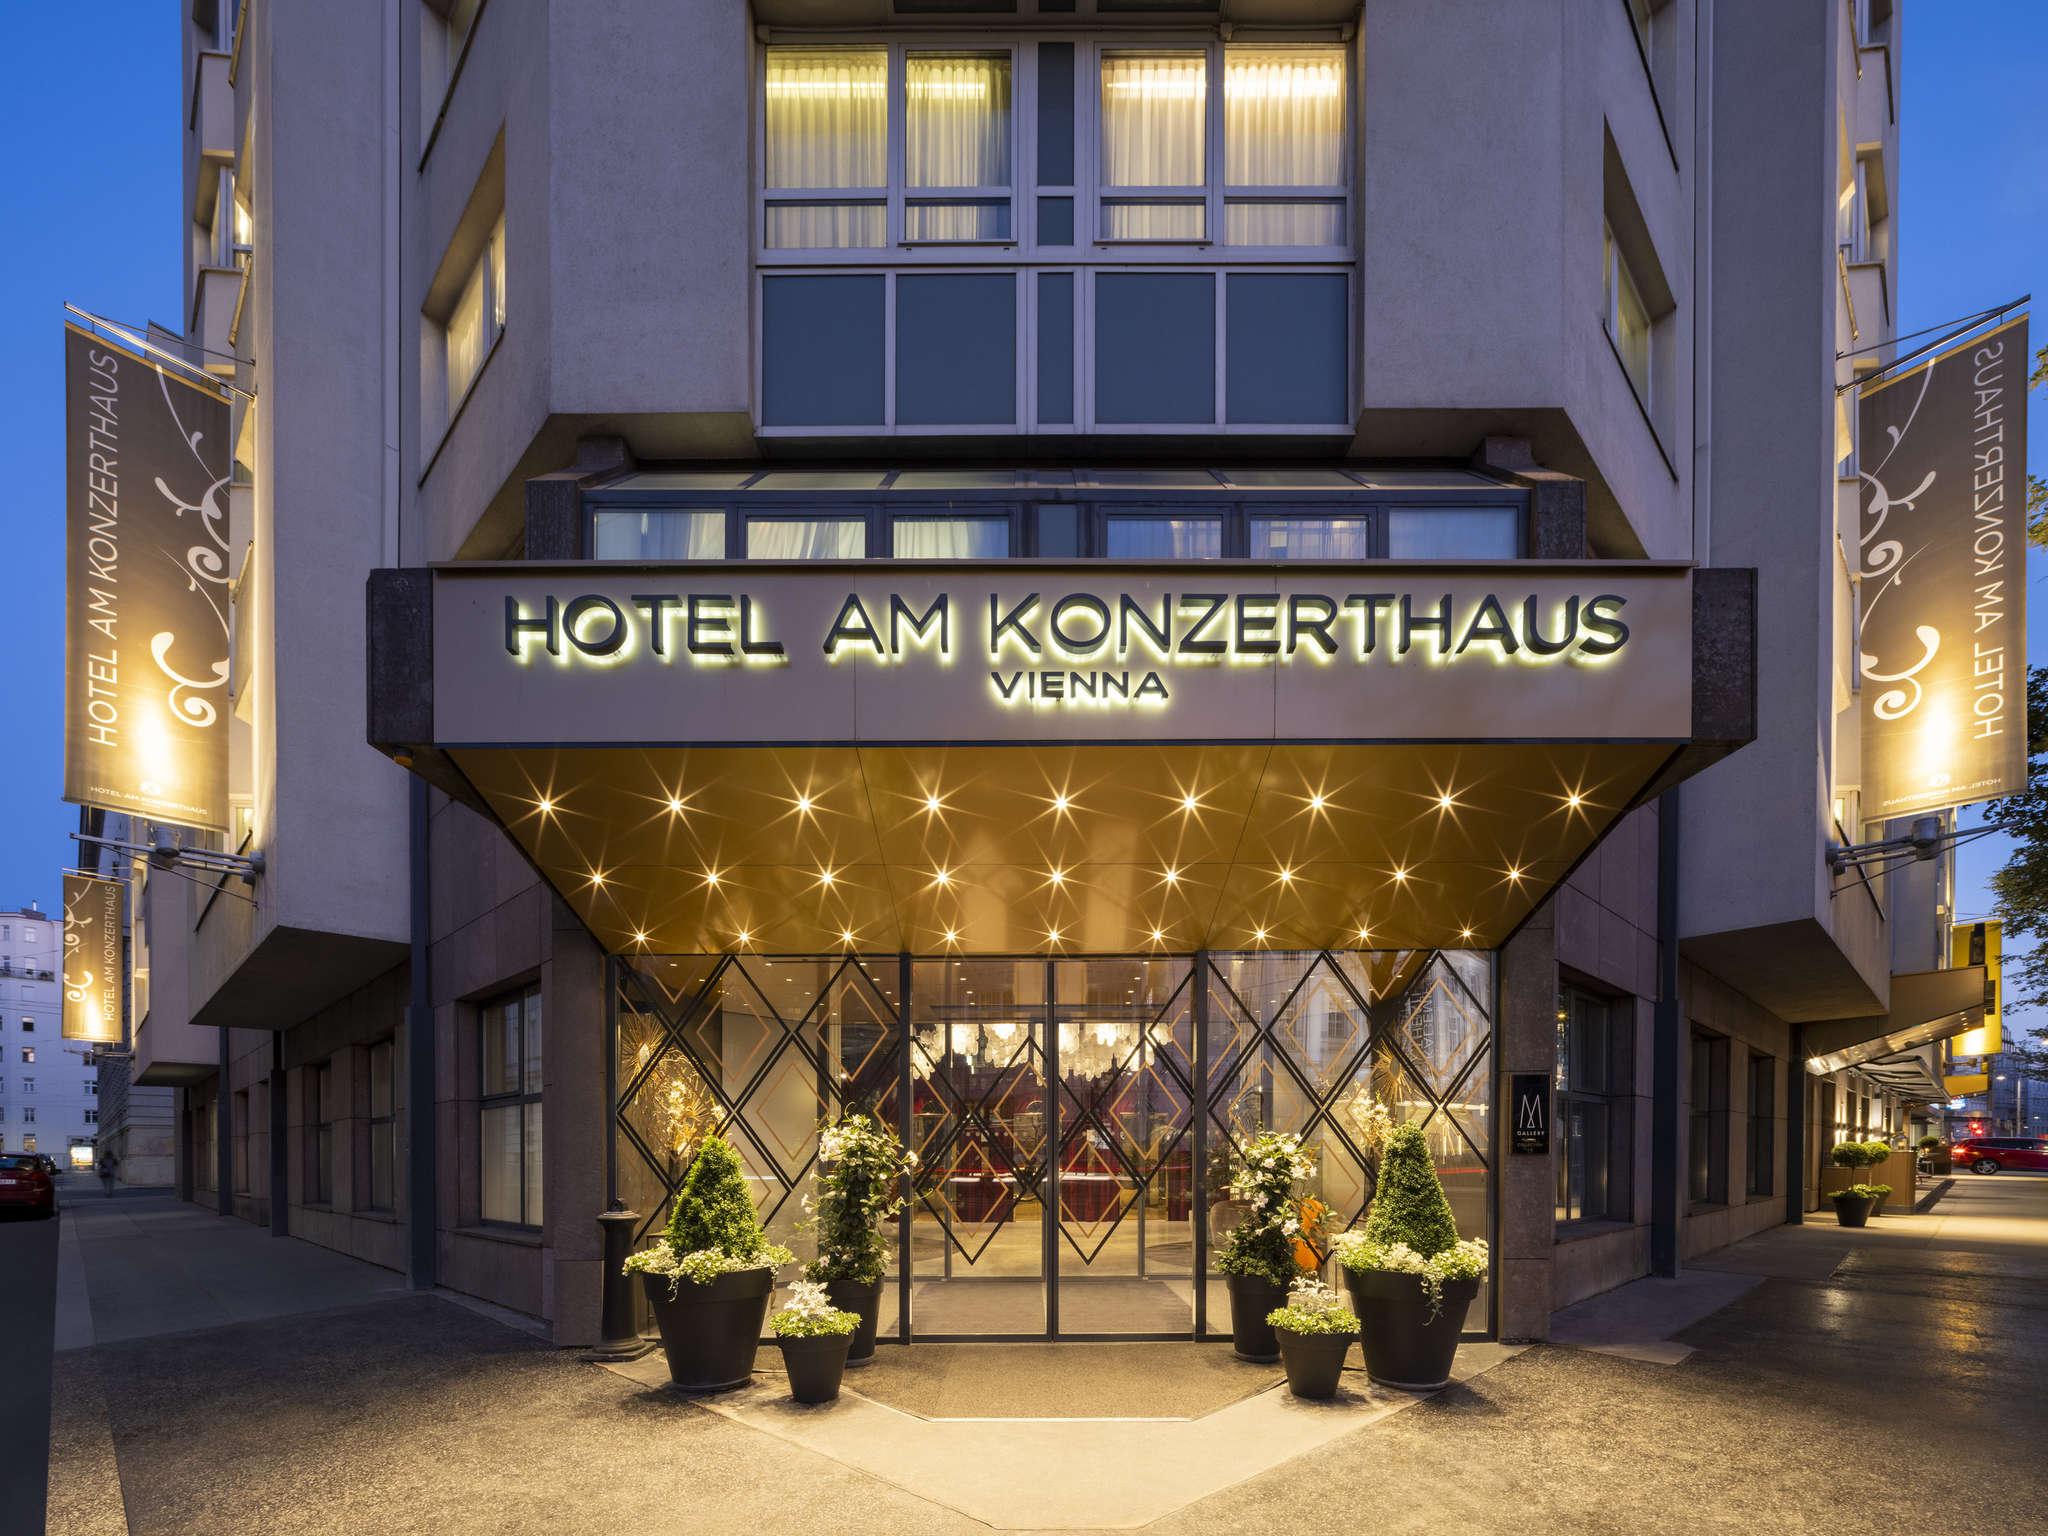 โรงแรม – โฮเทล อัม คอนเซอธาส เวียนนา เอ็มแกลเลอรี บาย โซฟิเทล